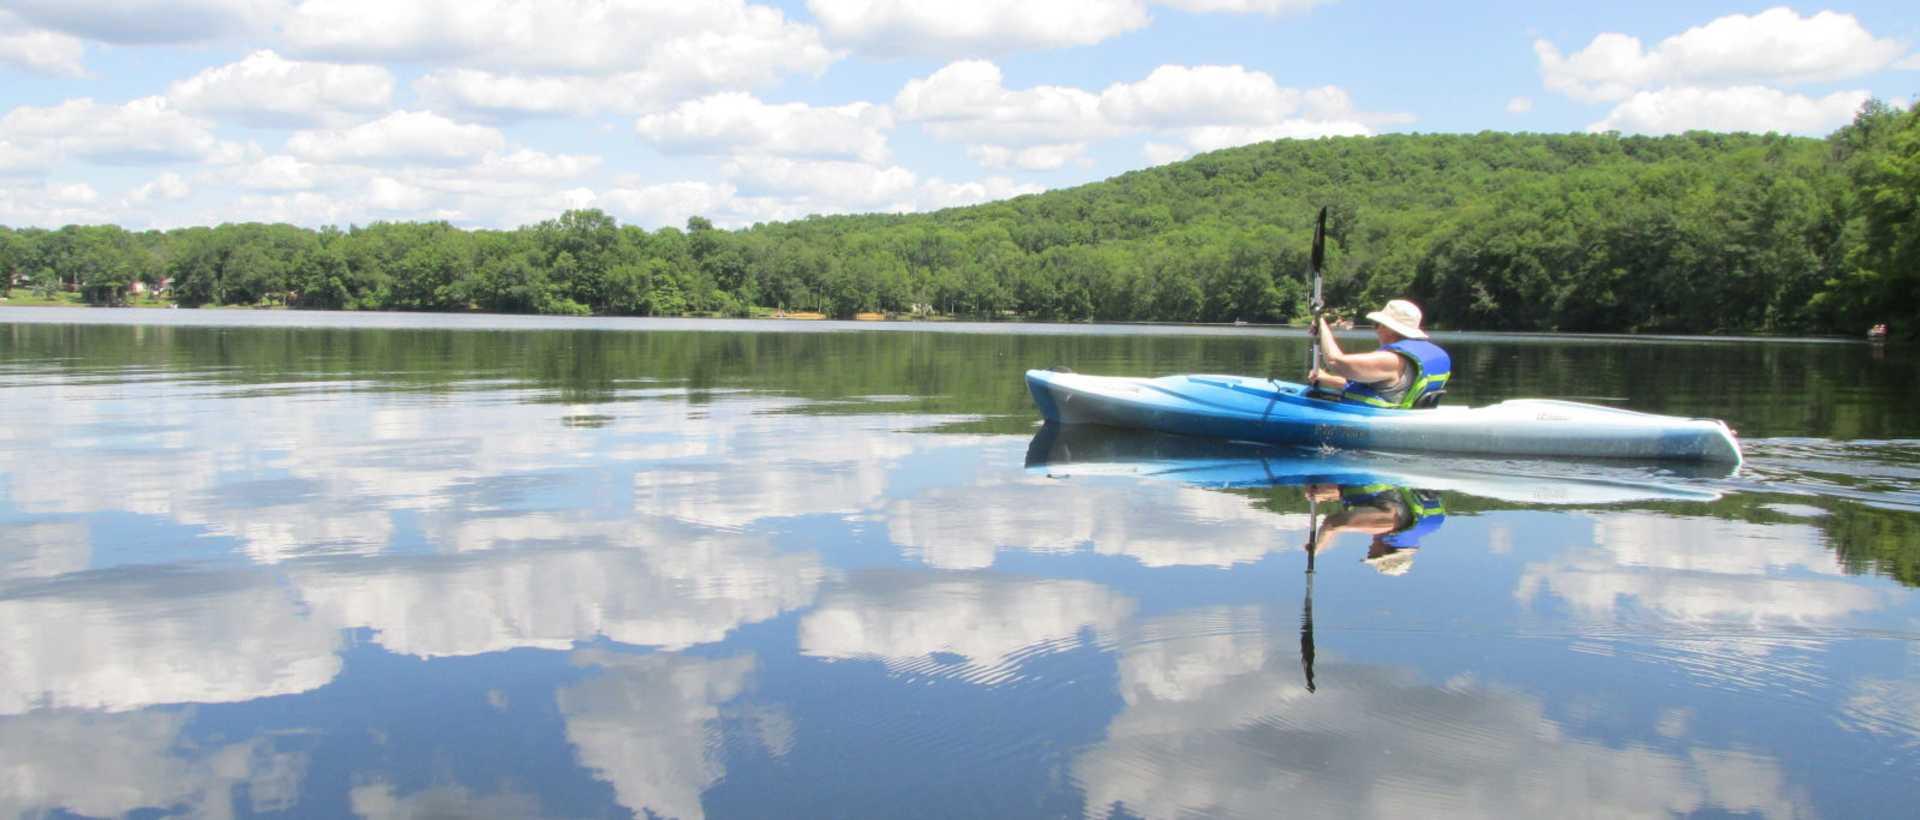 Kayaking at Keen Lake